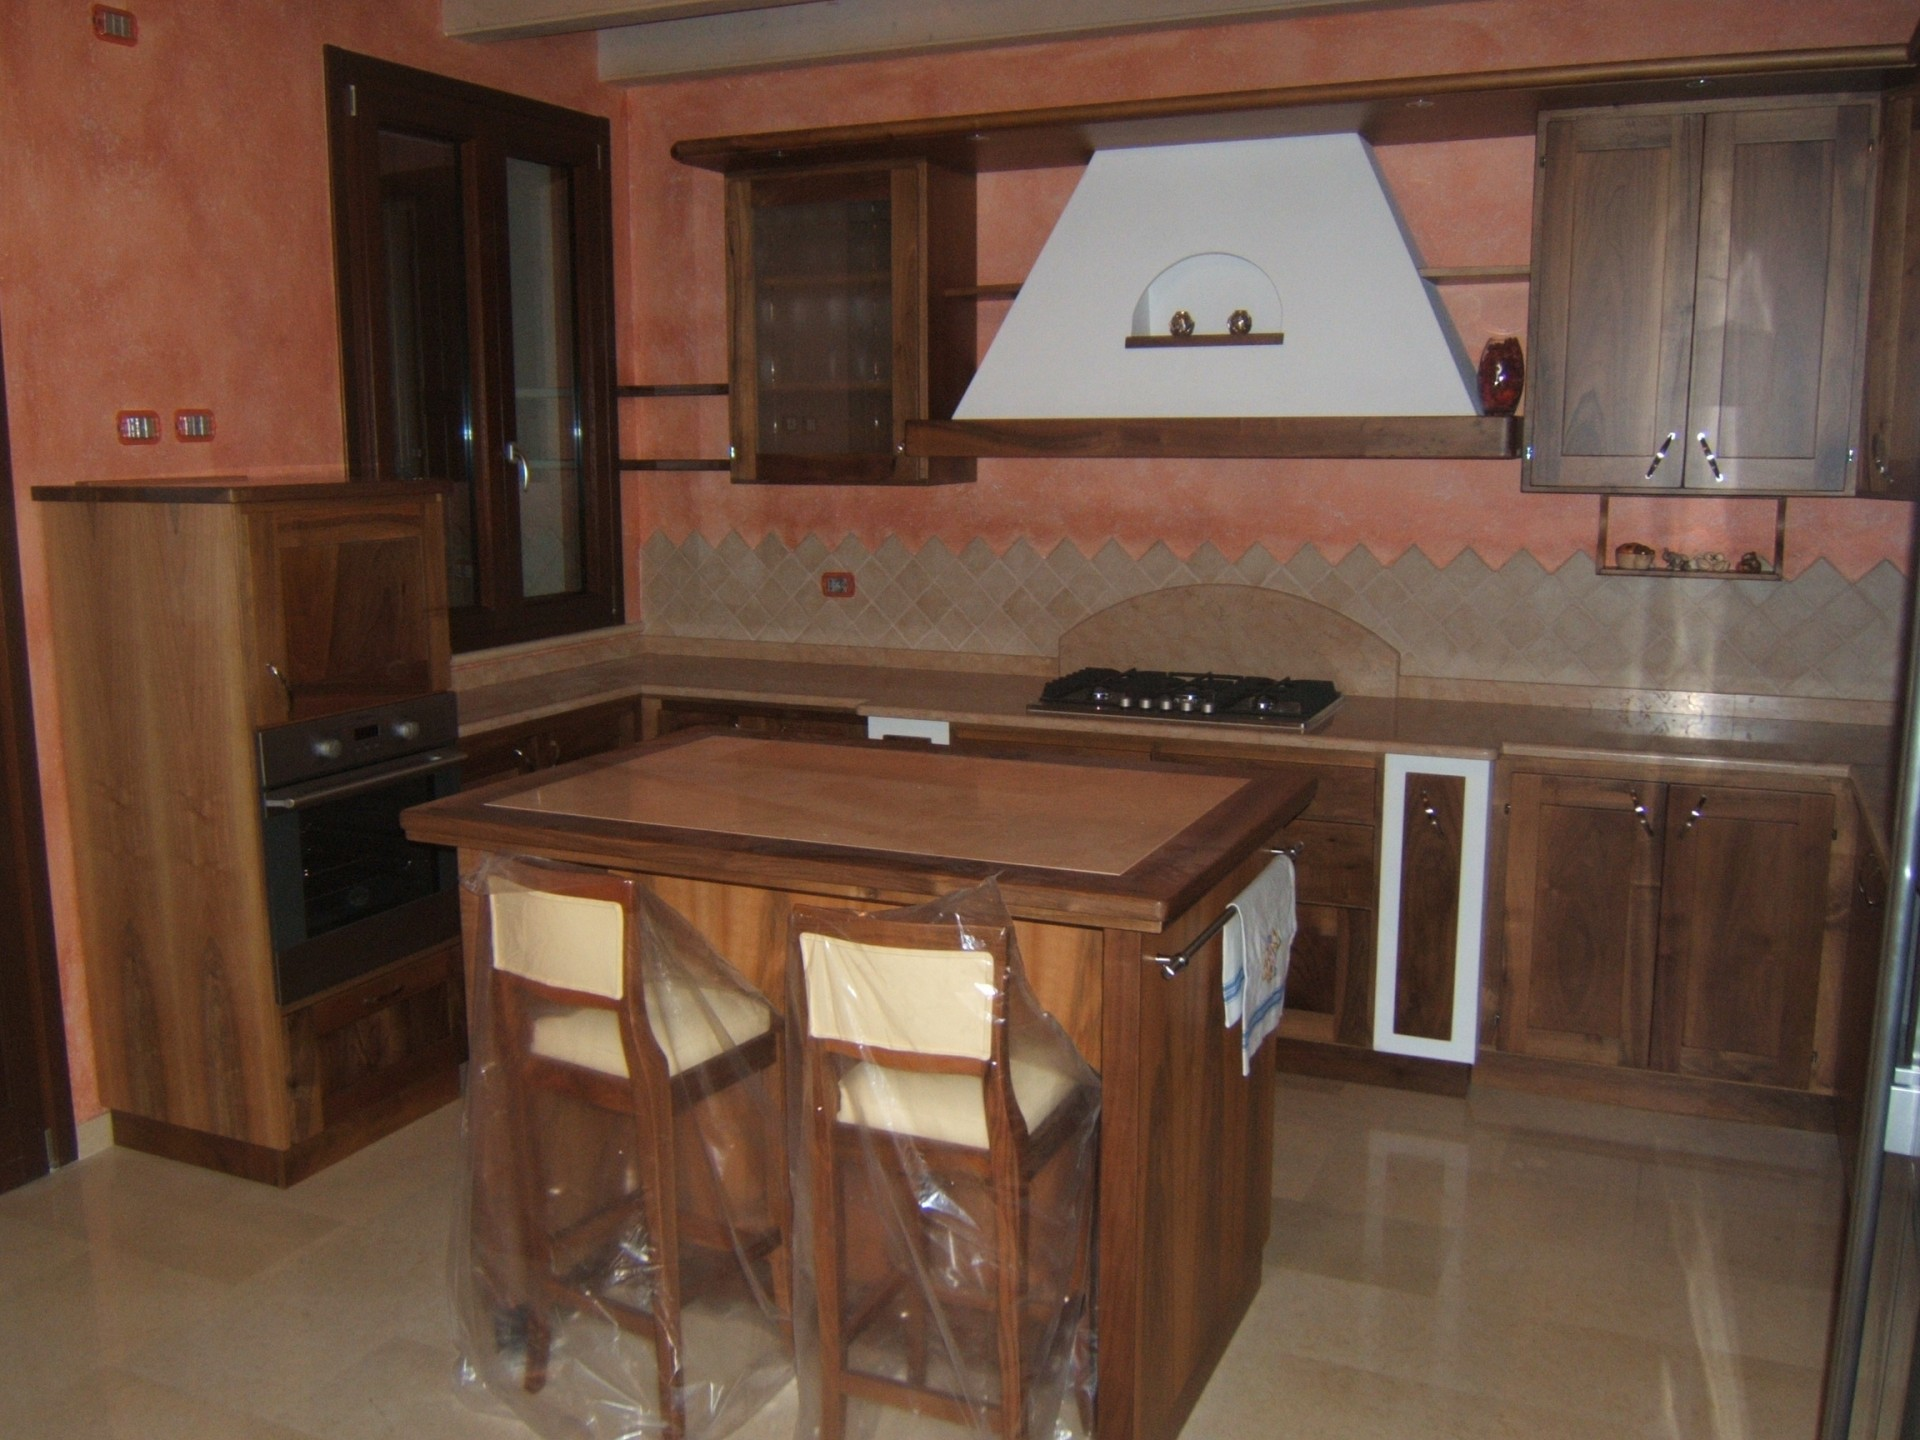 Cucina in muratura fadini mobili cerea verona - Cucine classiche artigianali ...